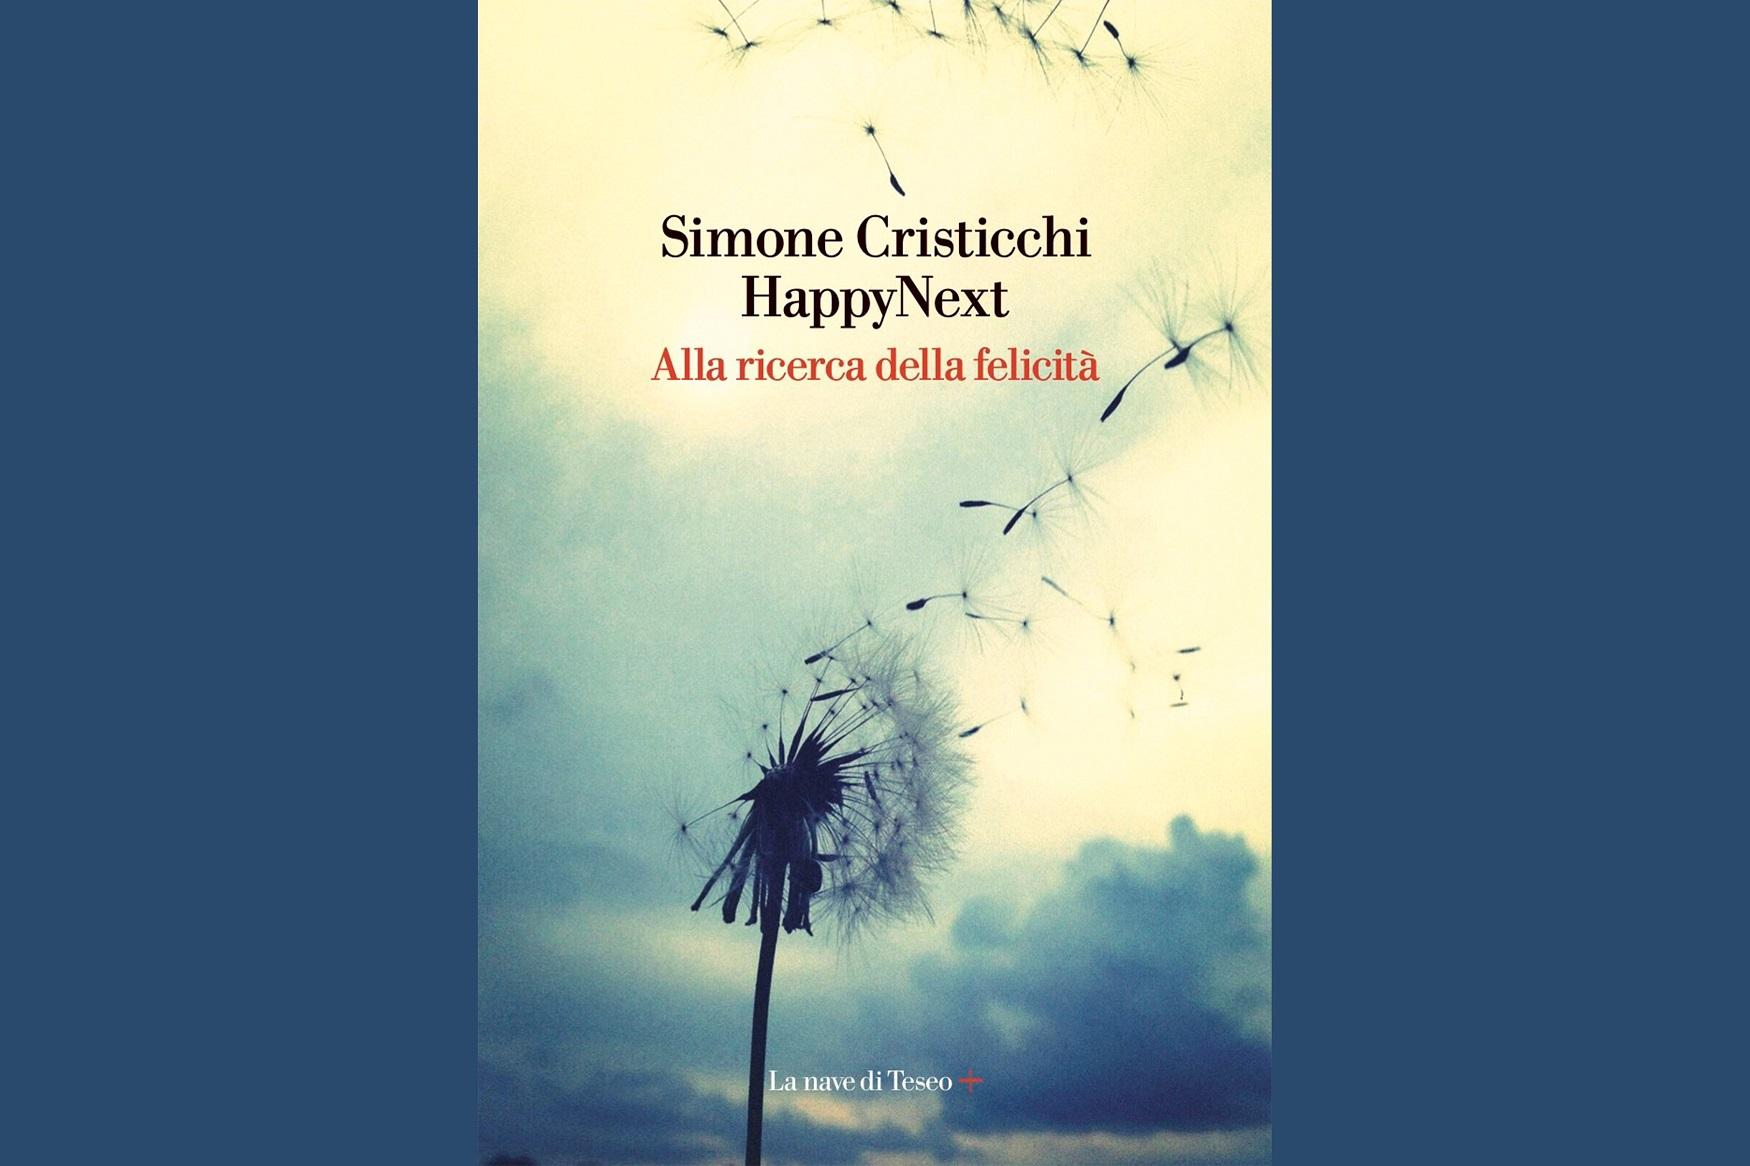 la foto a colori mostra la copertina di un libro, Happy Next di Simone Cristicchi, che reca l'immagine di un fiore bianco con parti portate via dal vento